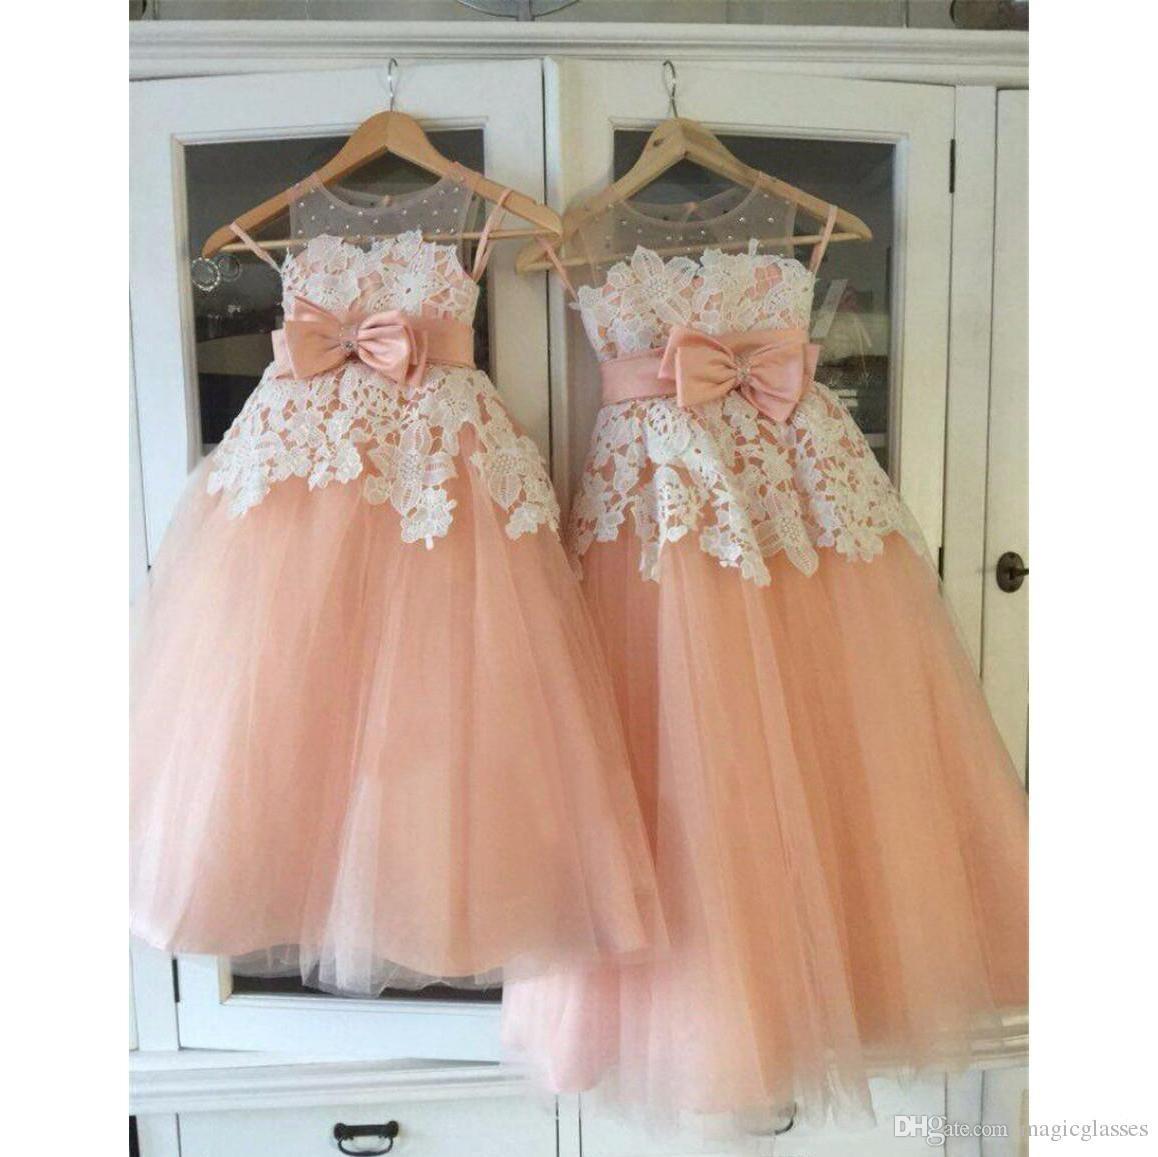 15 Genial Schöne Kleider Für Party SpezialgebietDesigner Genial Schöne Kleider Für Party Vertrieb